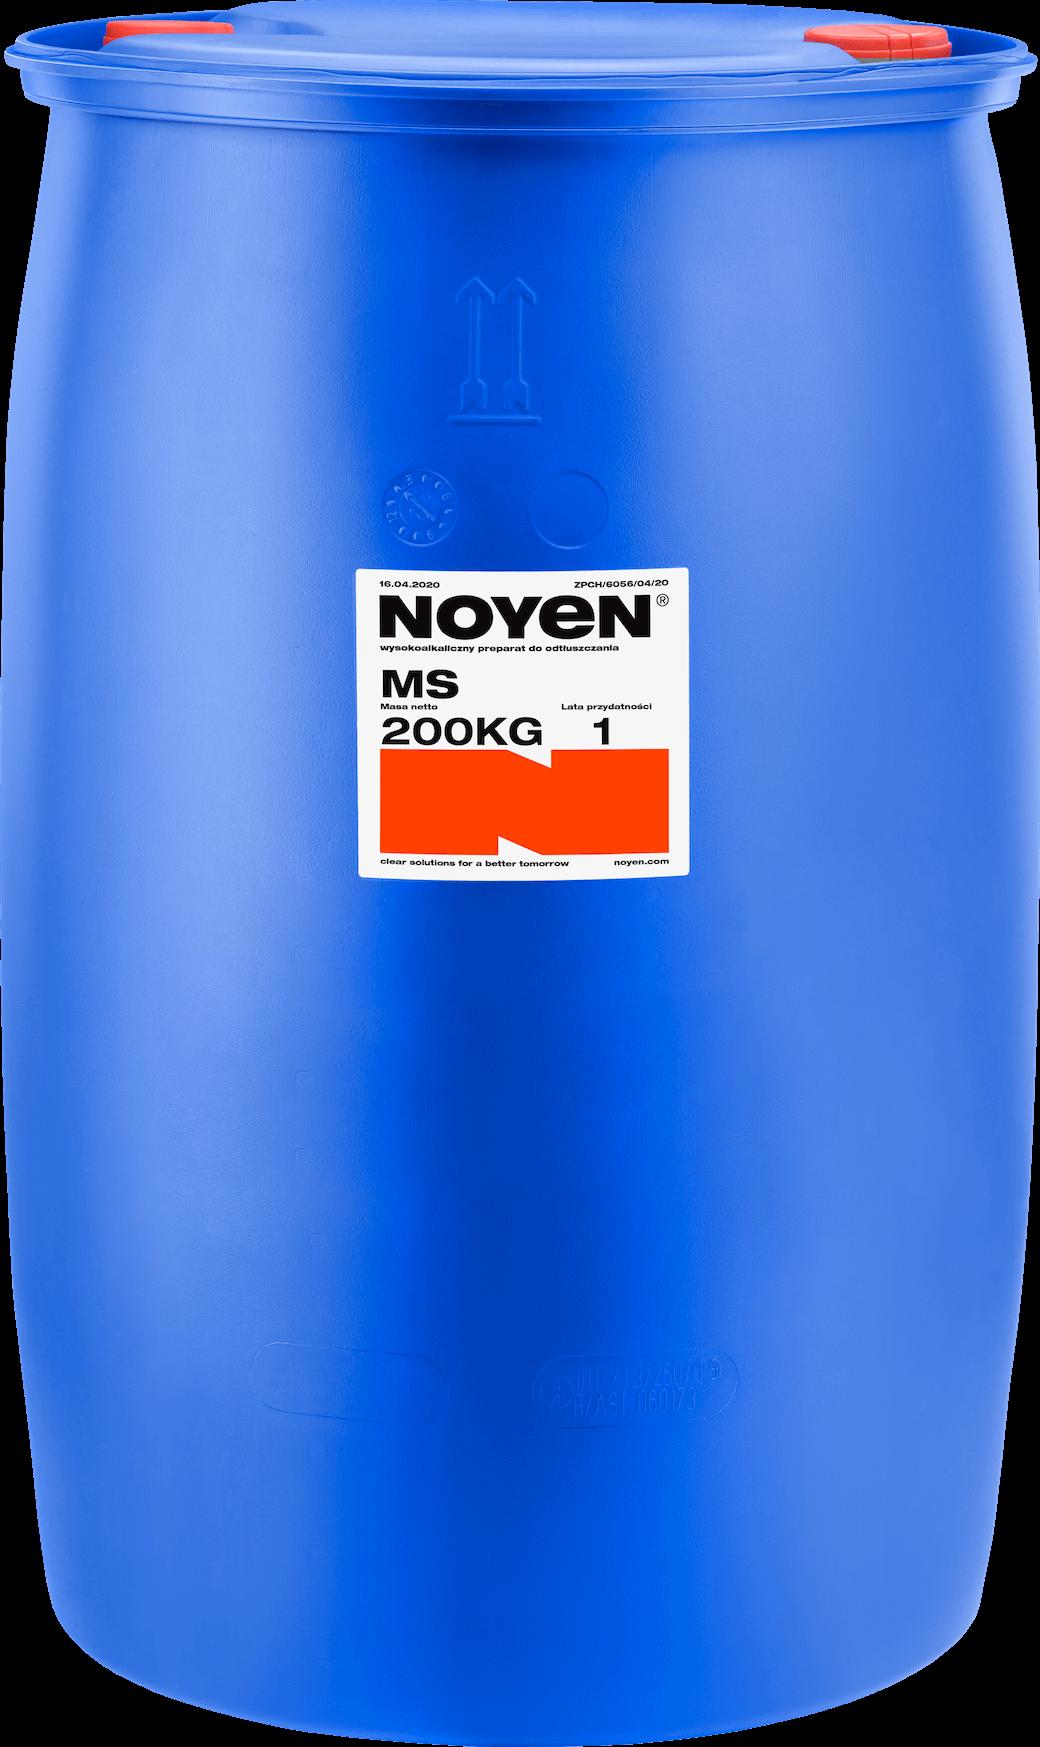 MS NOYEN 200 KG wysokoalkaiczny preparat do odtłuszczania w niebieskiej beczce